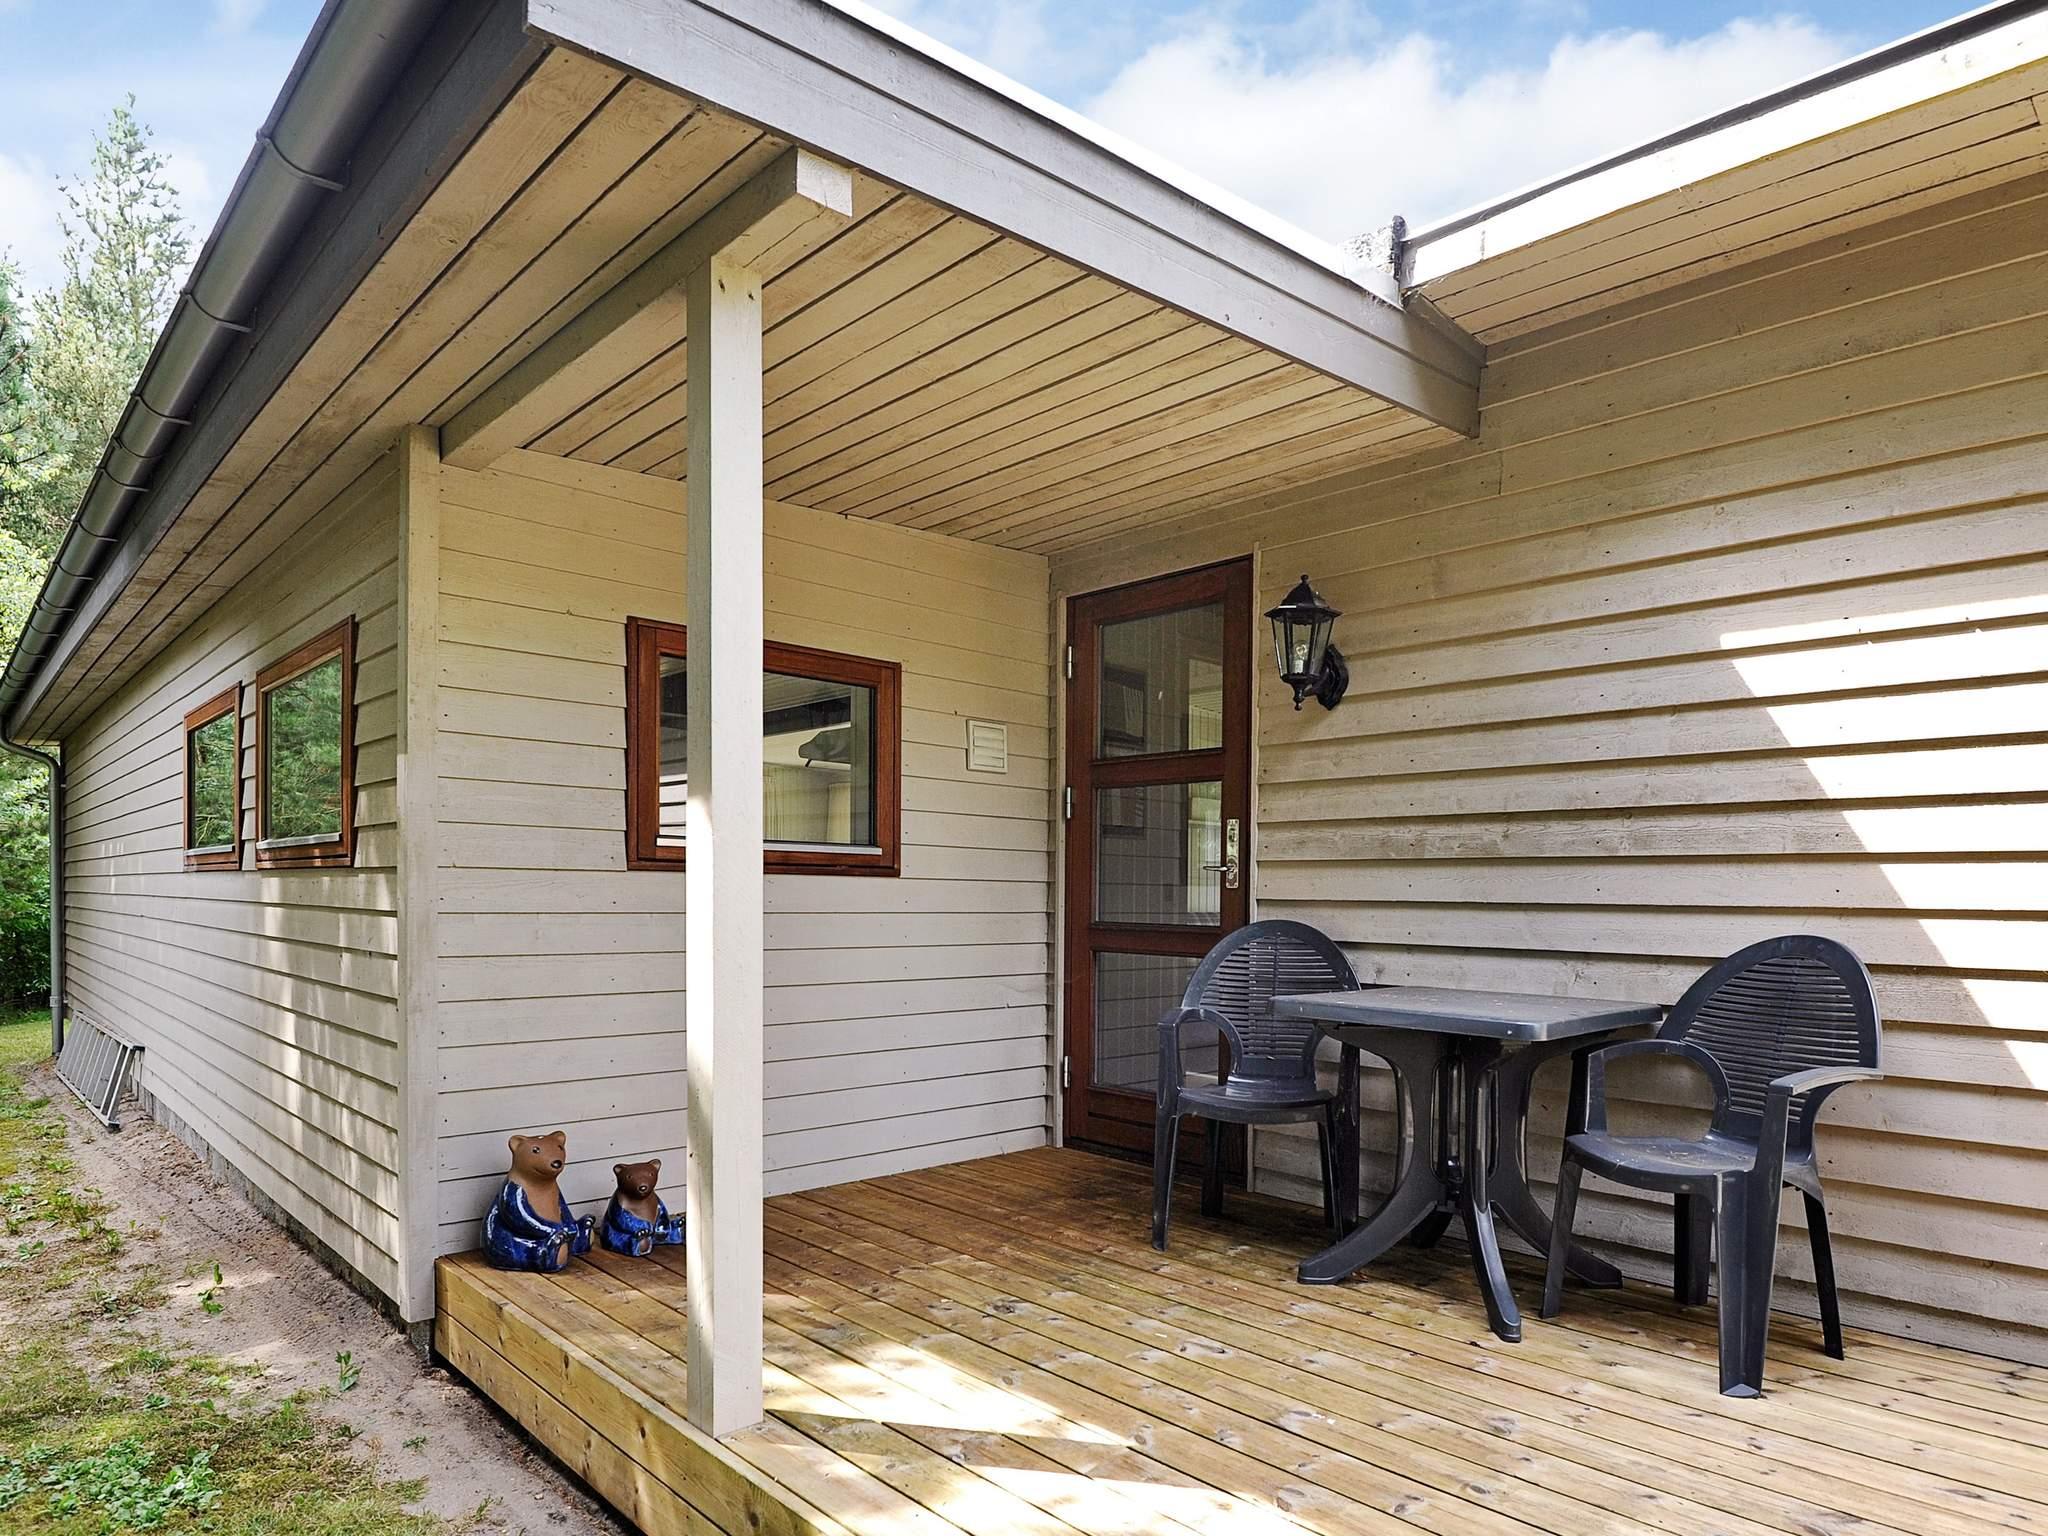 Ferienhaus Guldforhoved (647808), Guldforhoved, , Westjütland, Dänemark, Bild 20